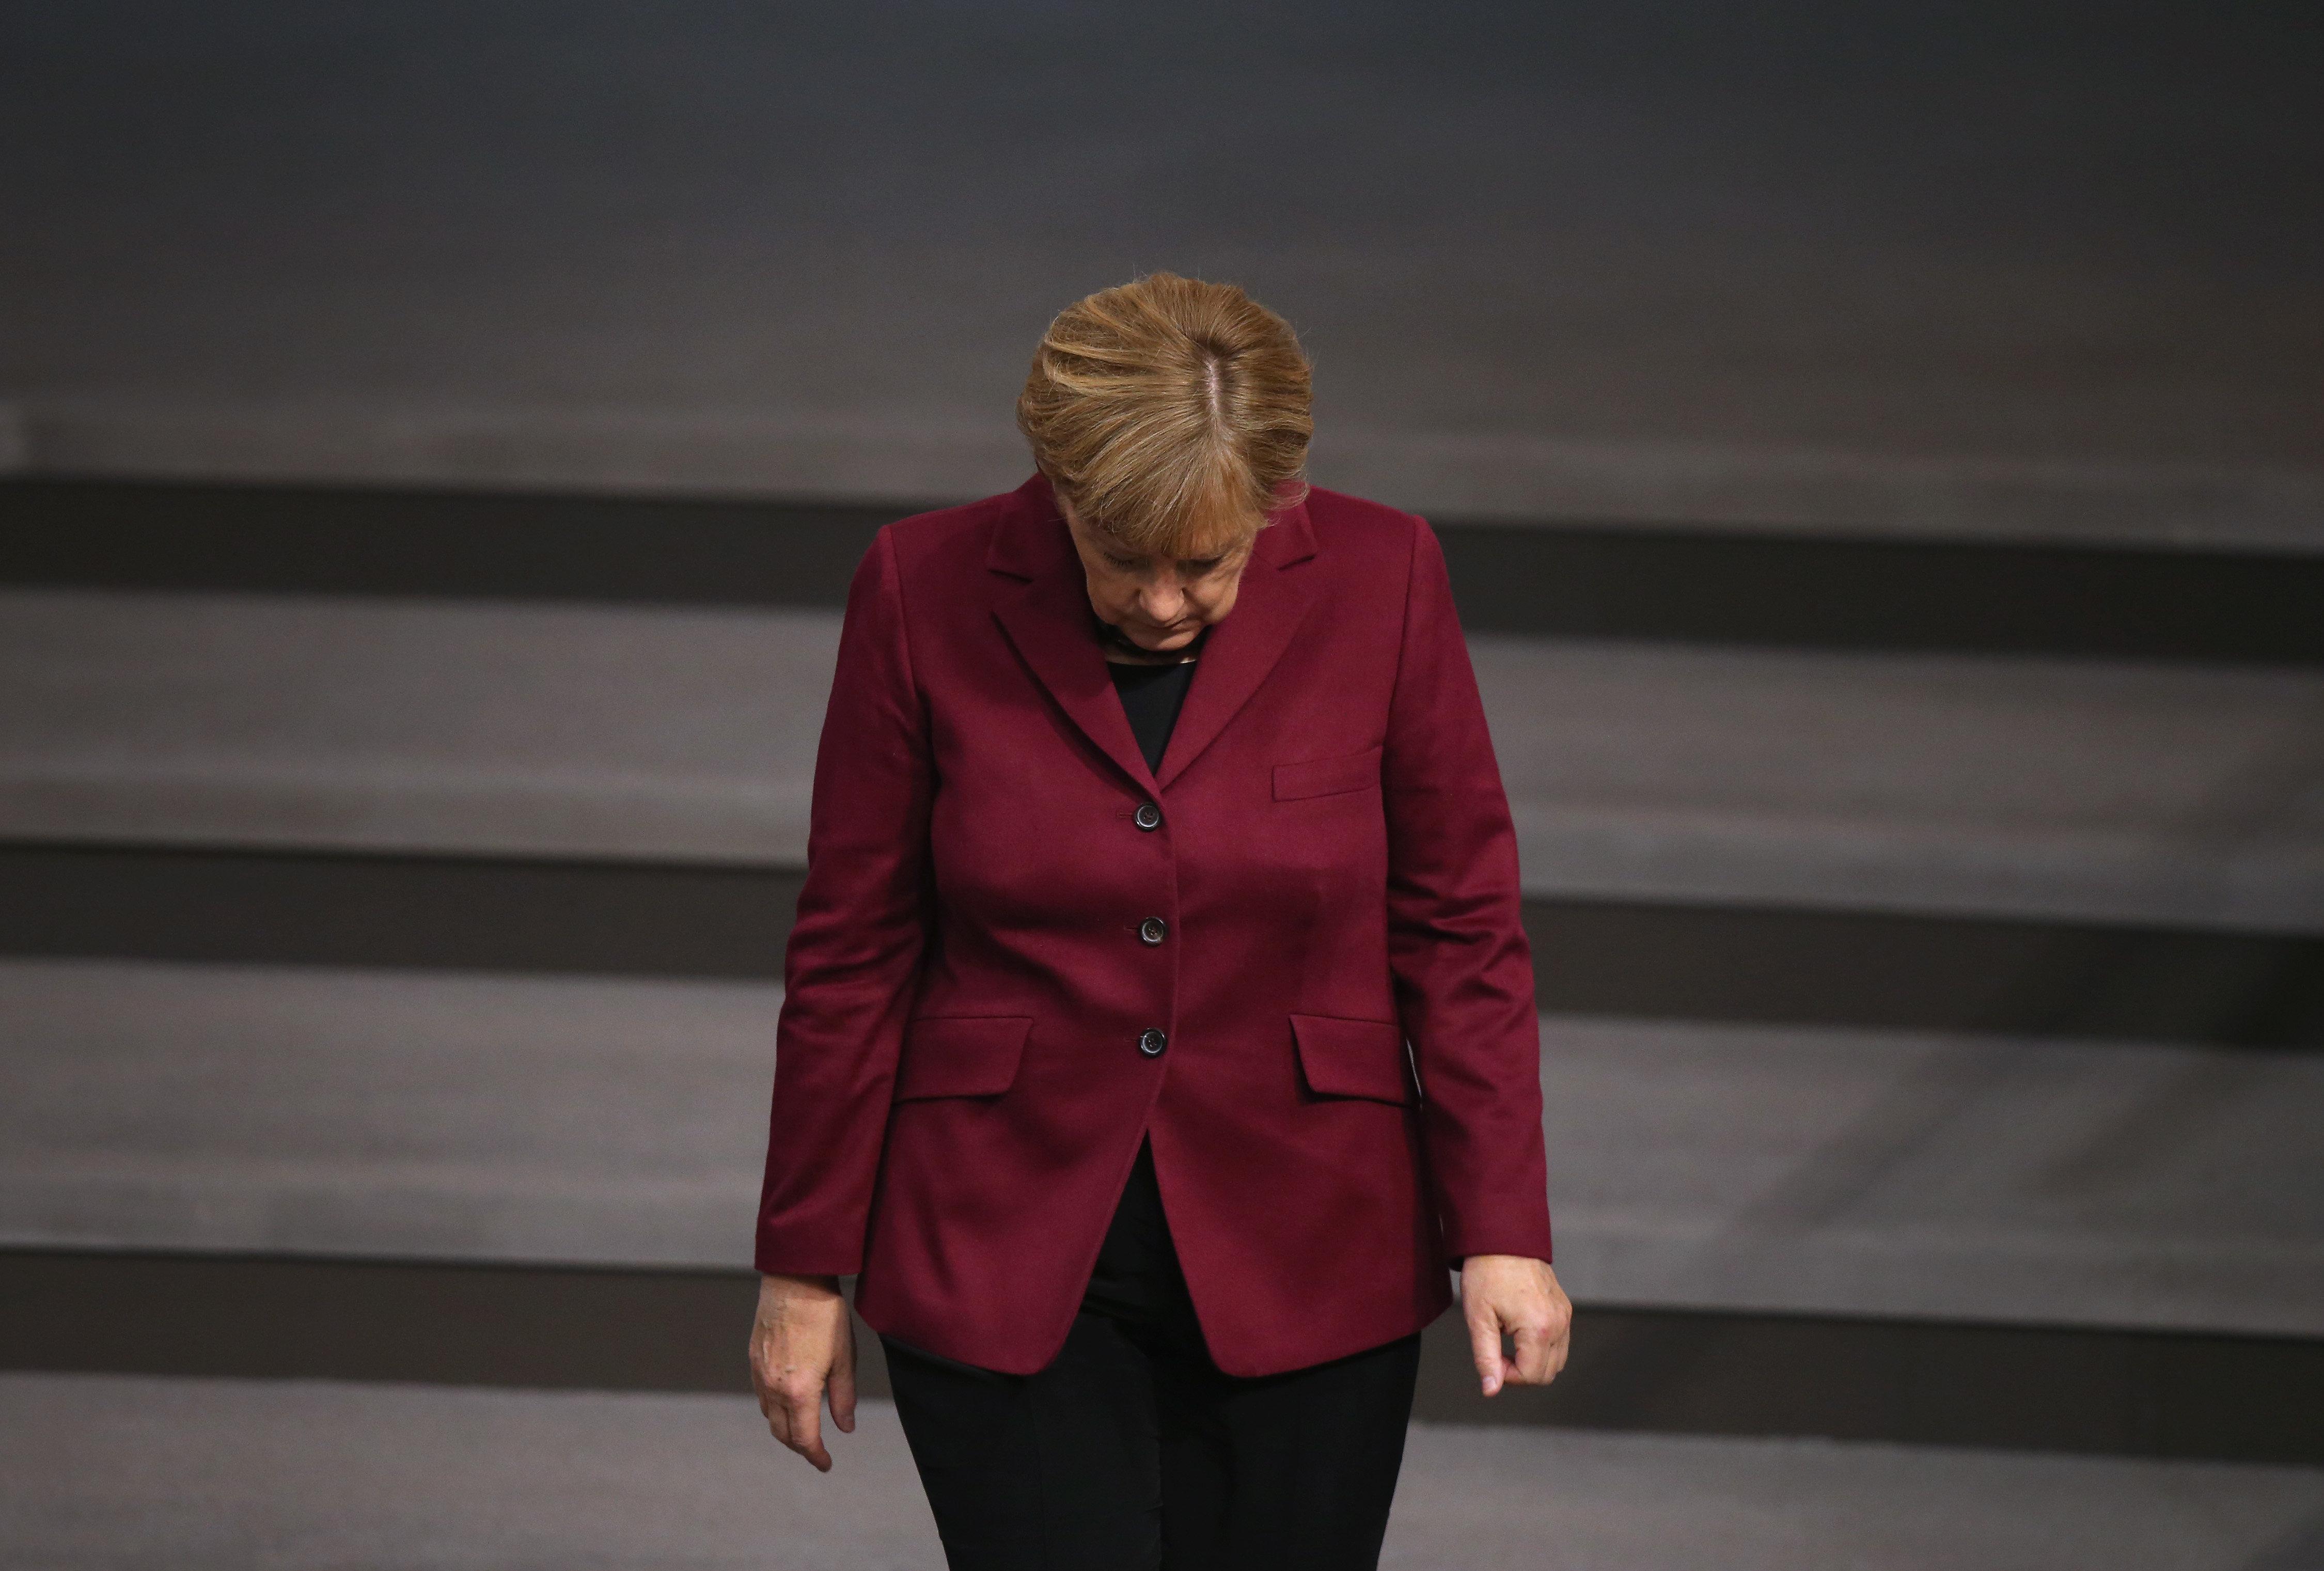 Wenn Merkel weg ist, wird gar nichts gut